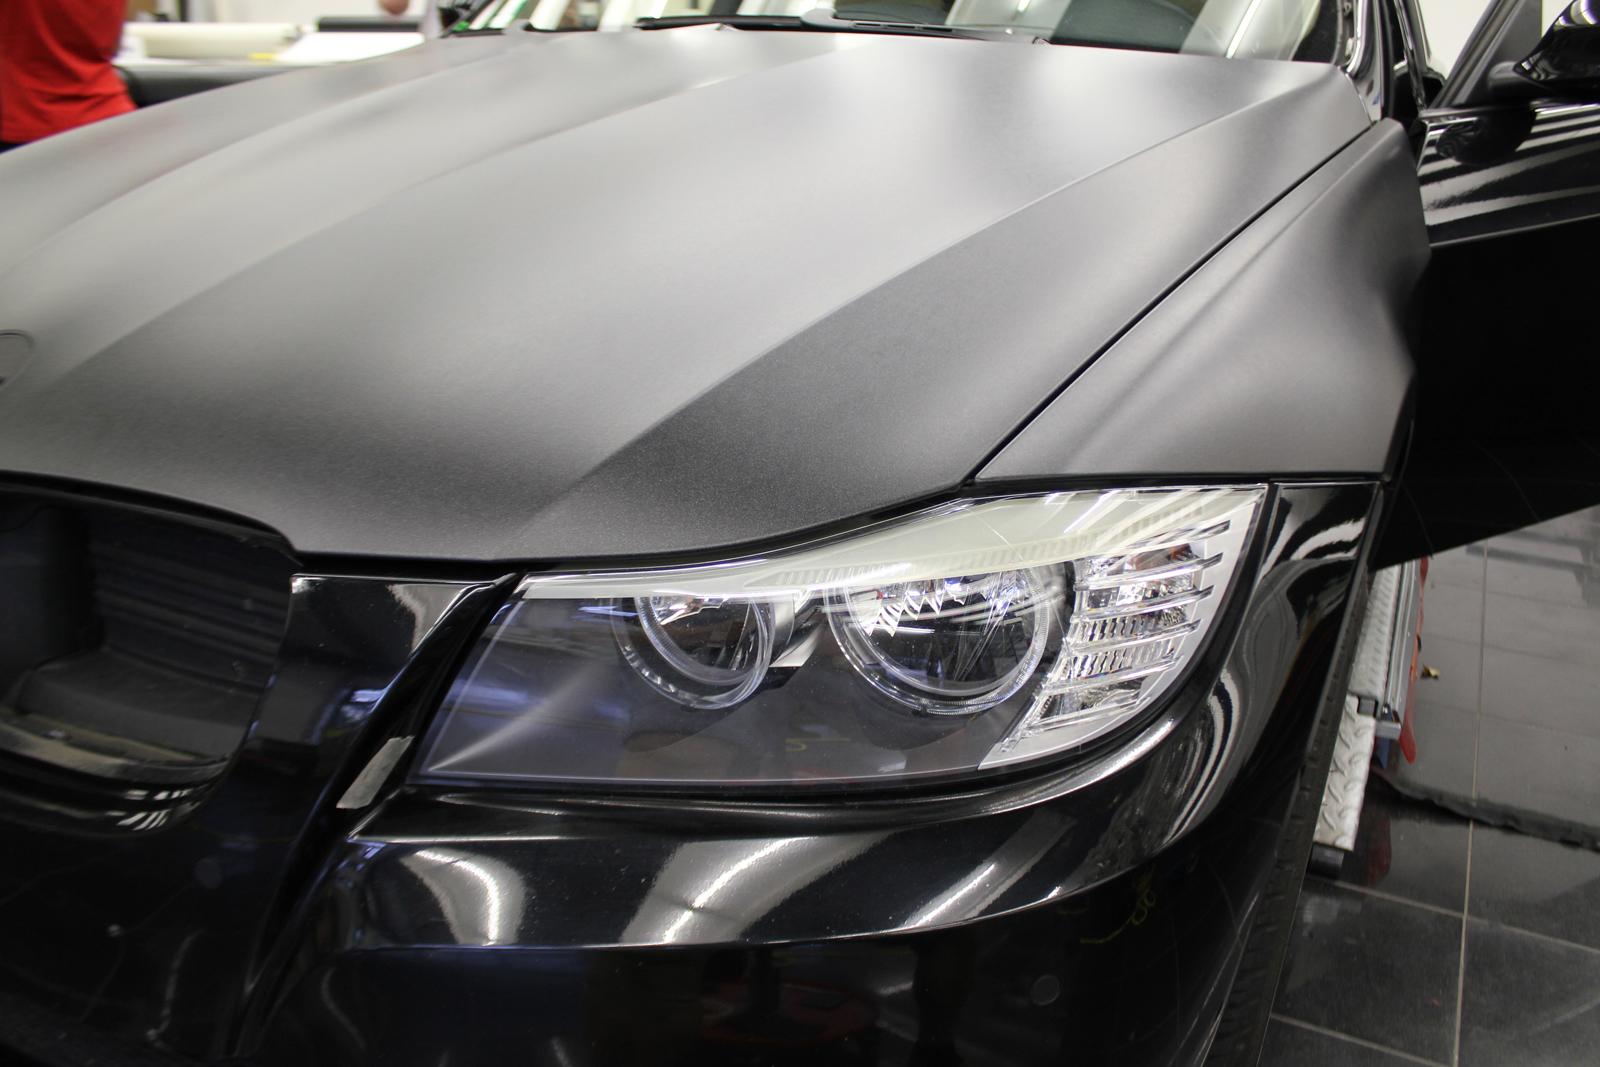 BMW_3ER_FOLIERUNG_MIDNIGHTBLACK_METALLIC_MATT_03